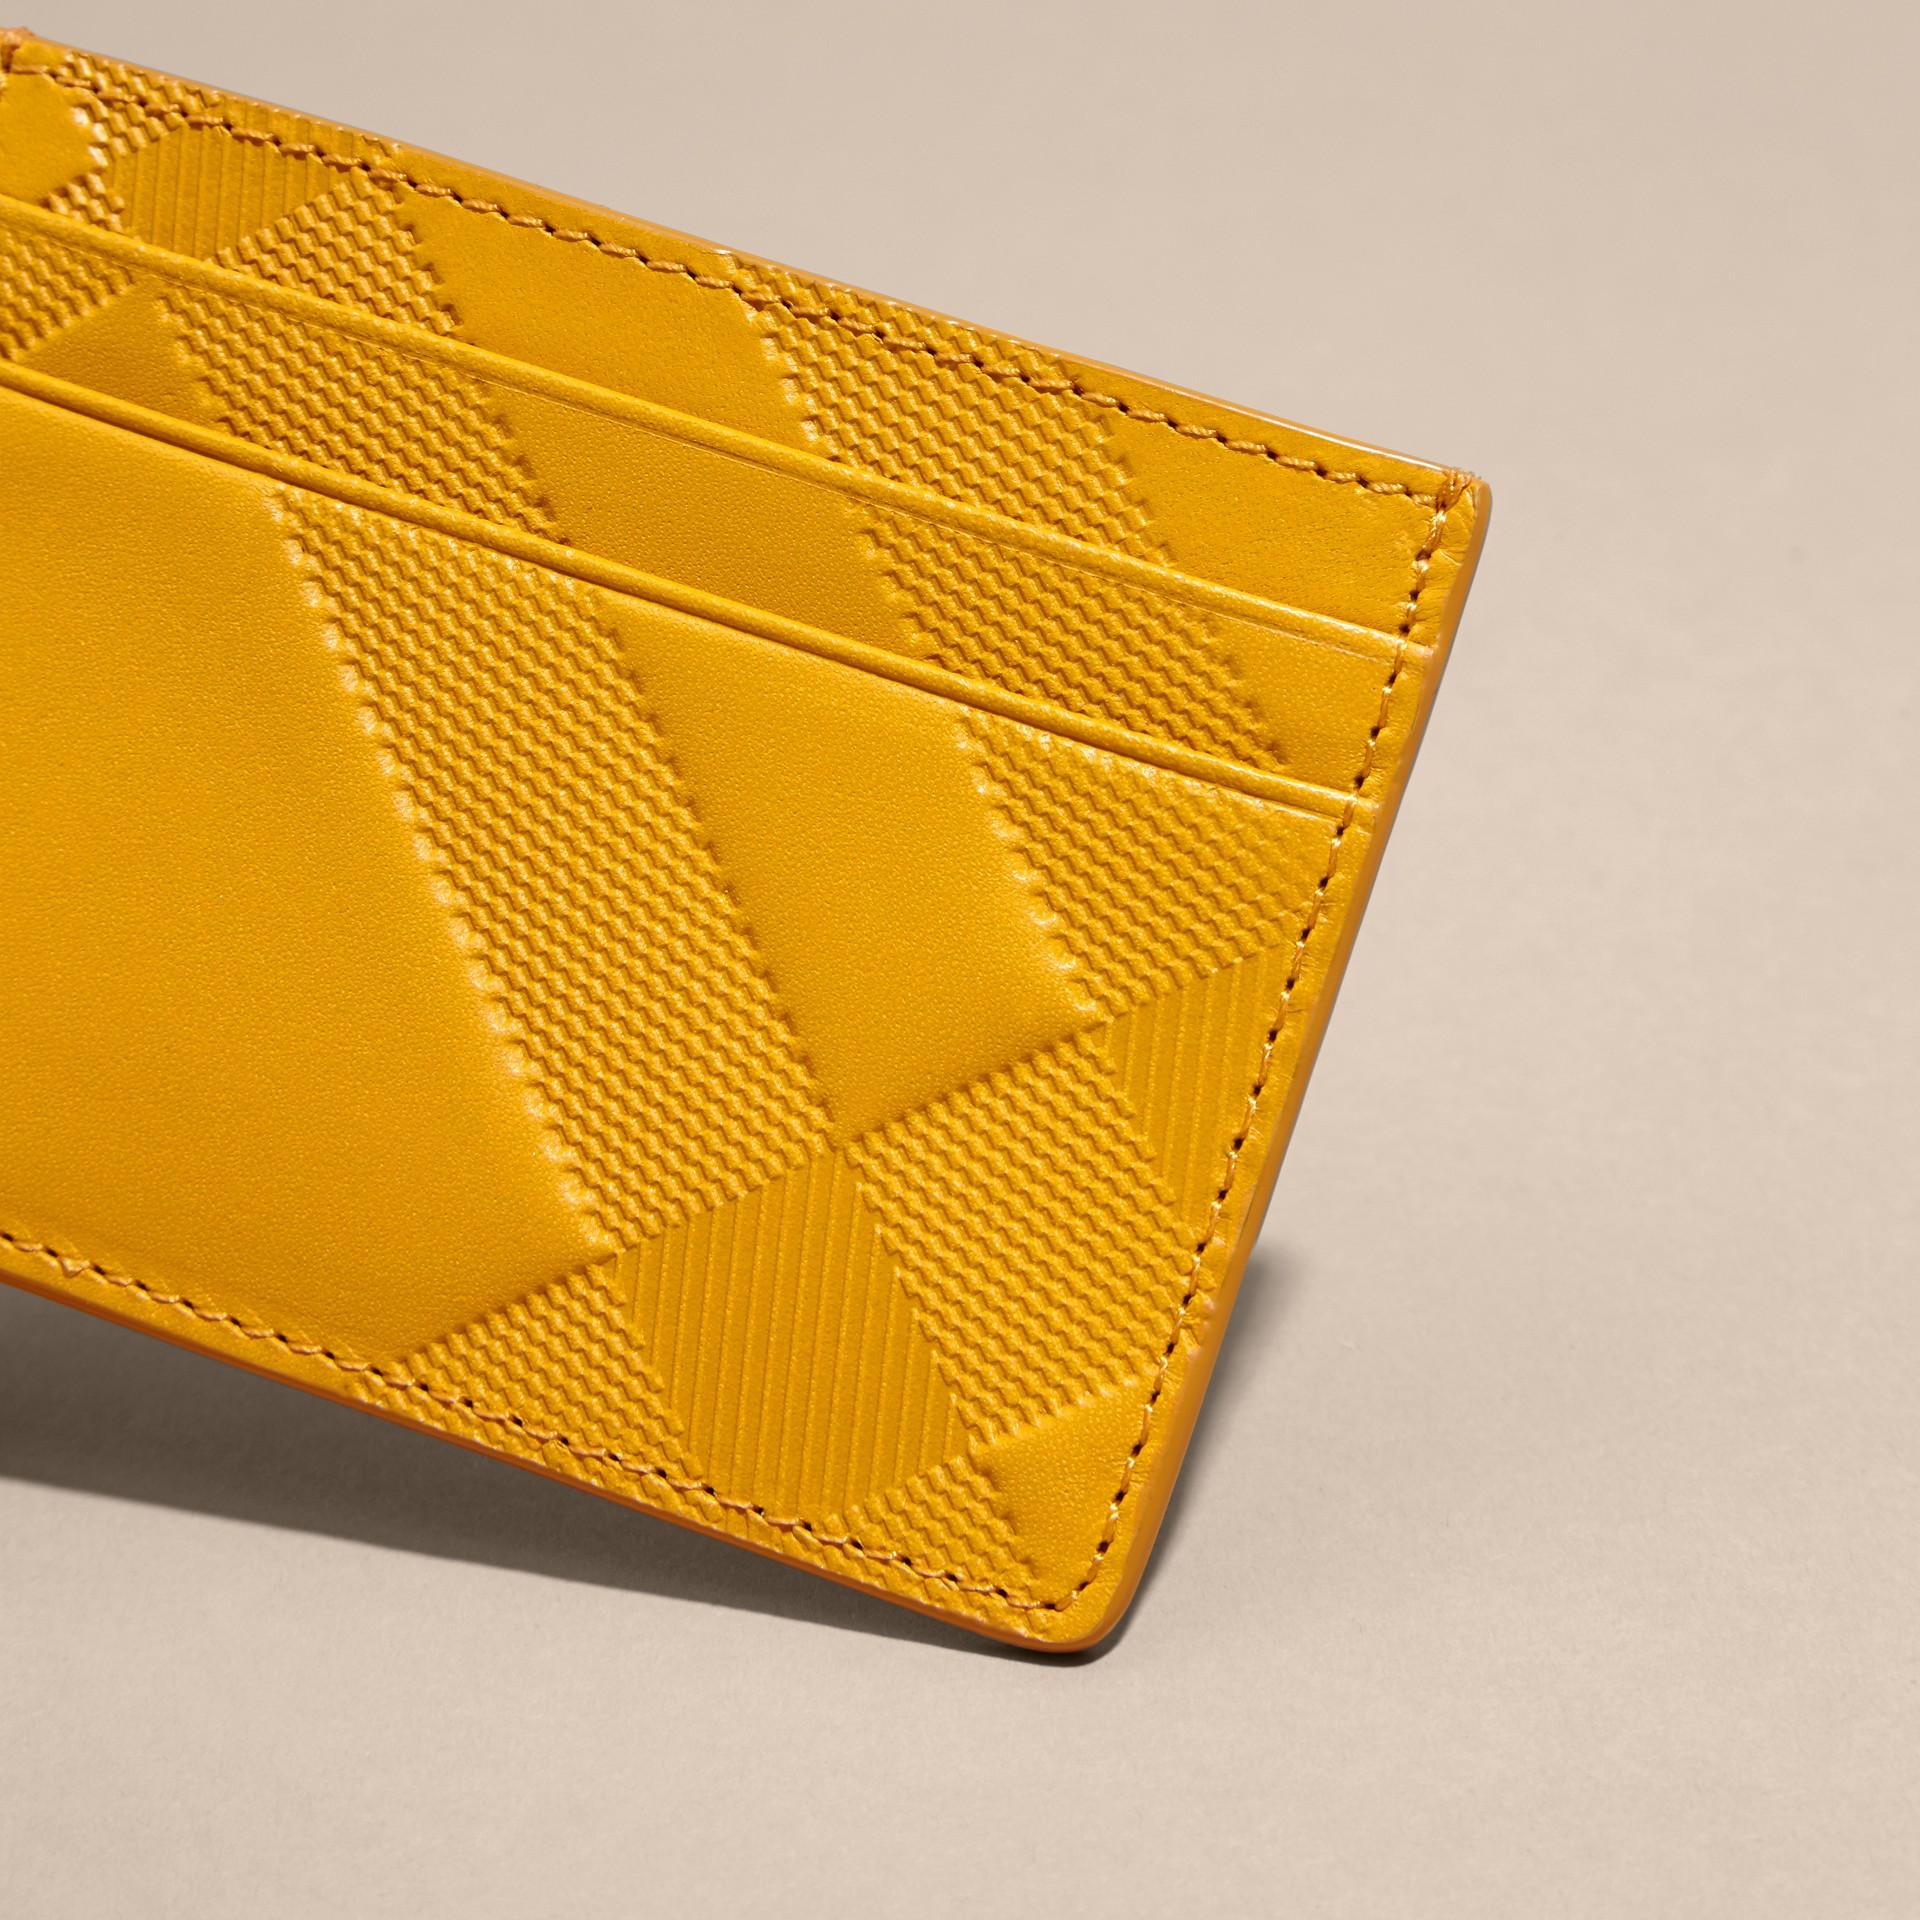 アンバーイエロー チェックエンボストレザー カードケース アンバーイエロー - ギャラリーイメージ 2